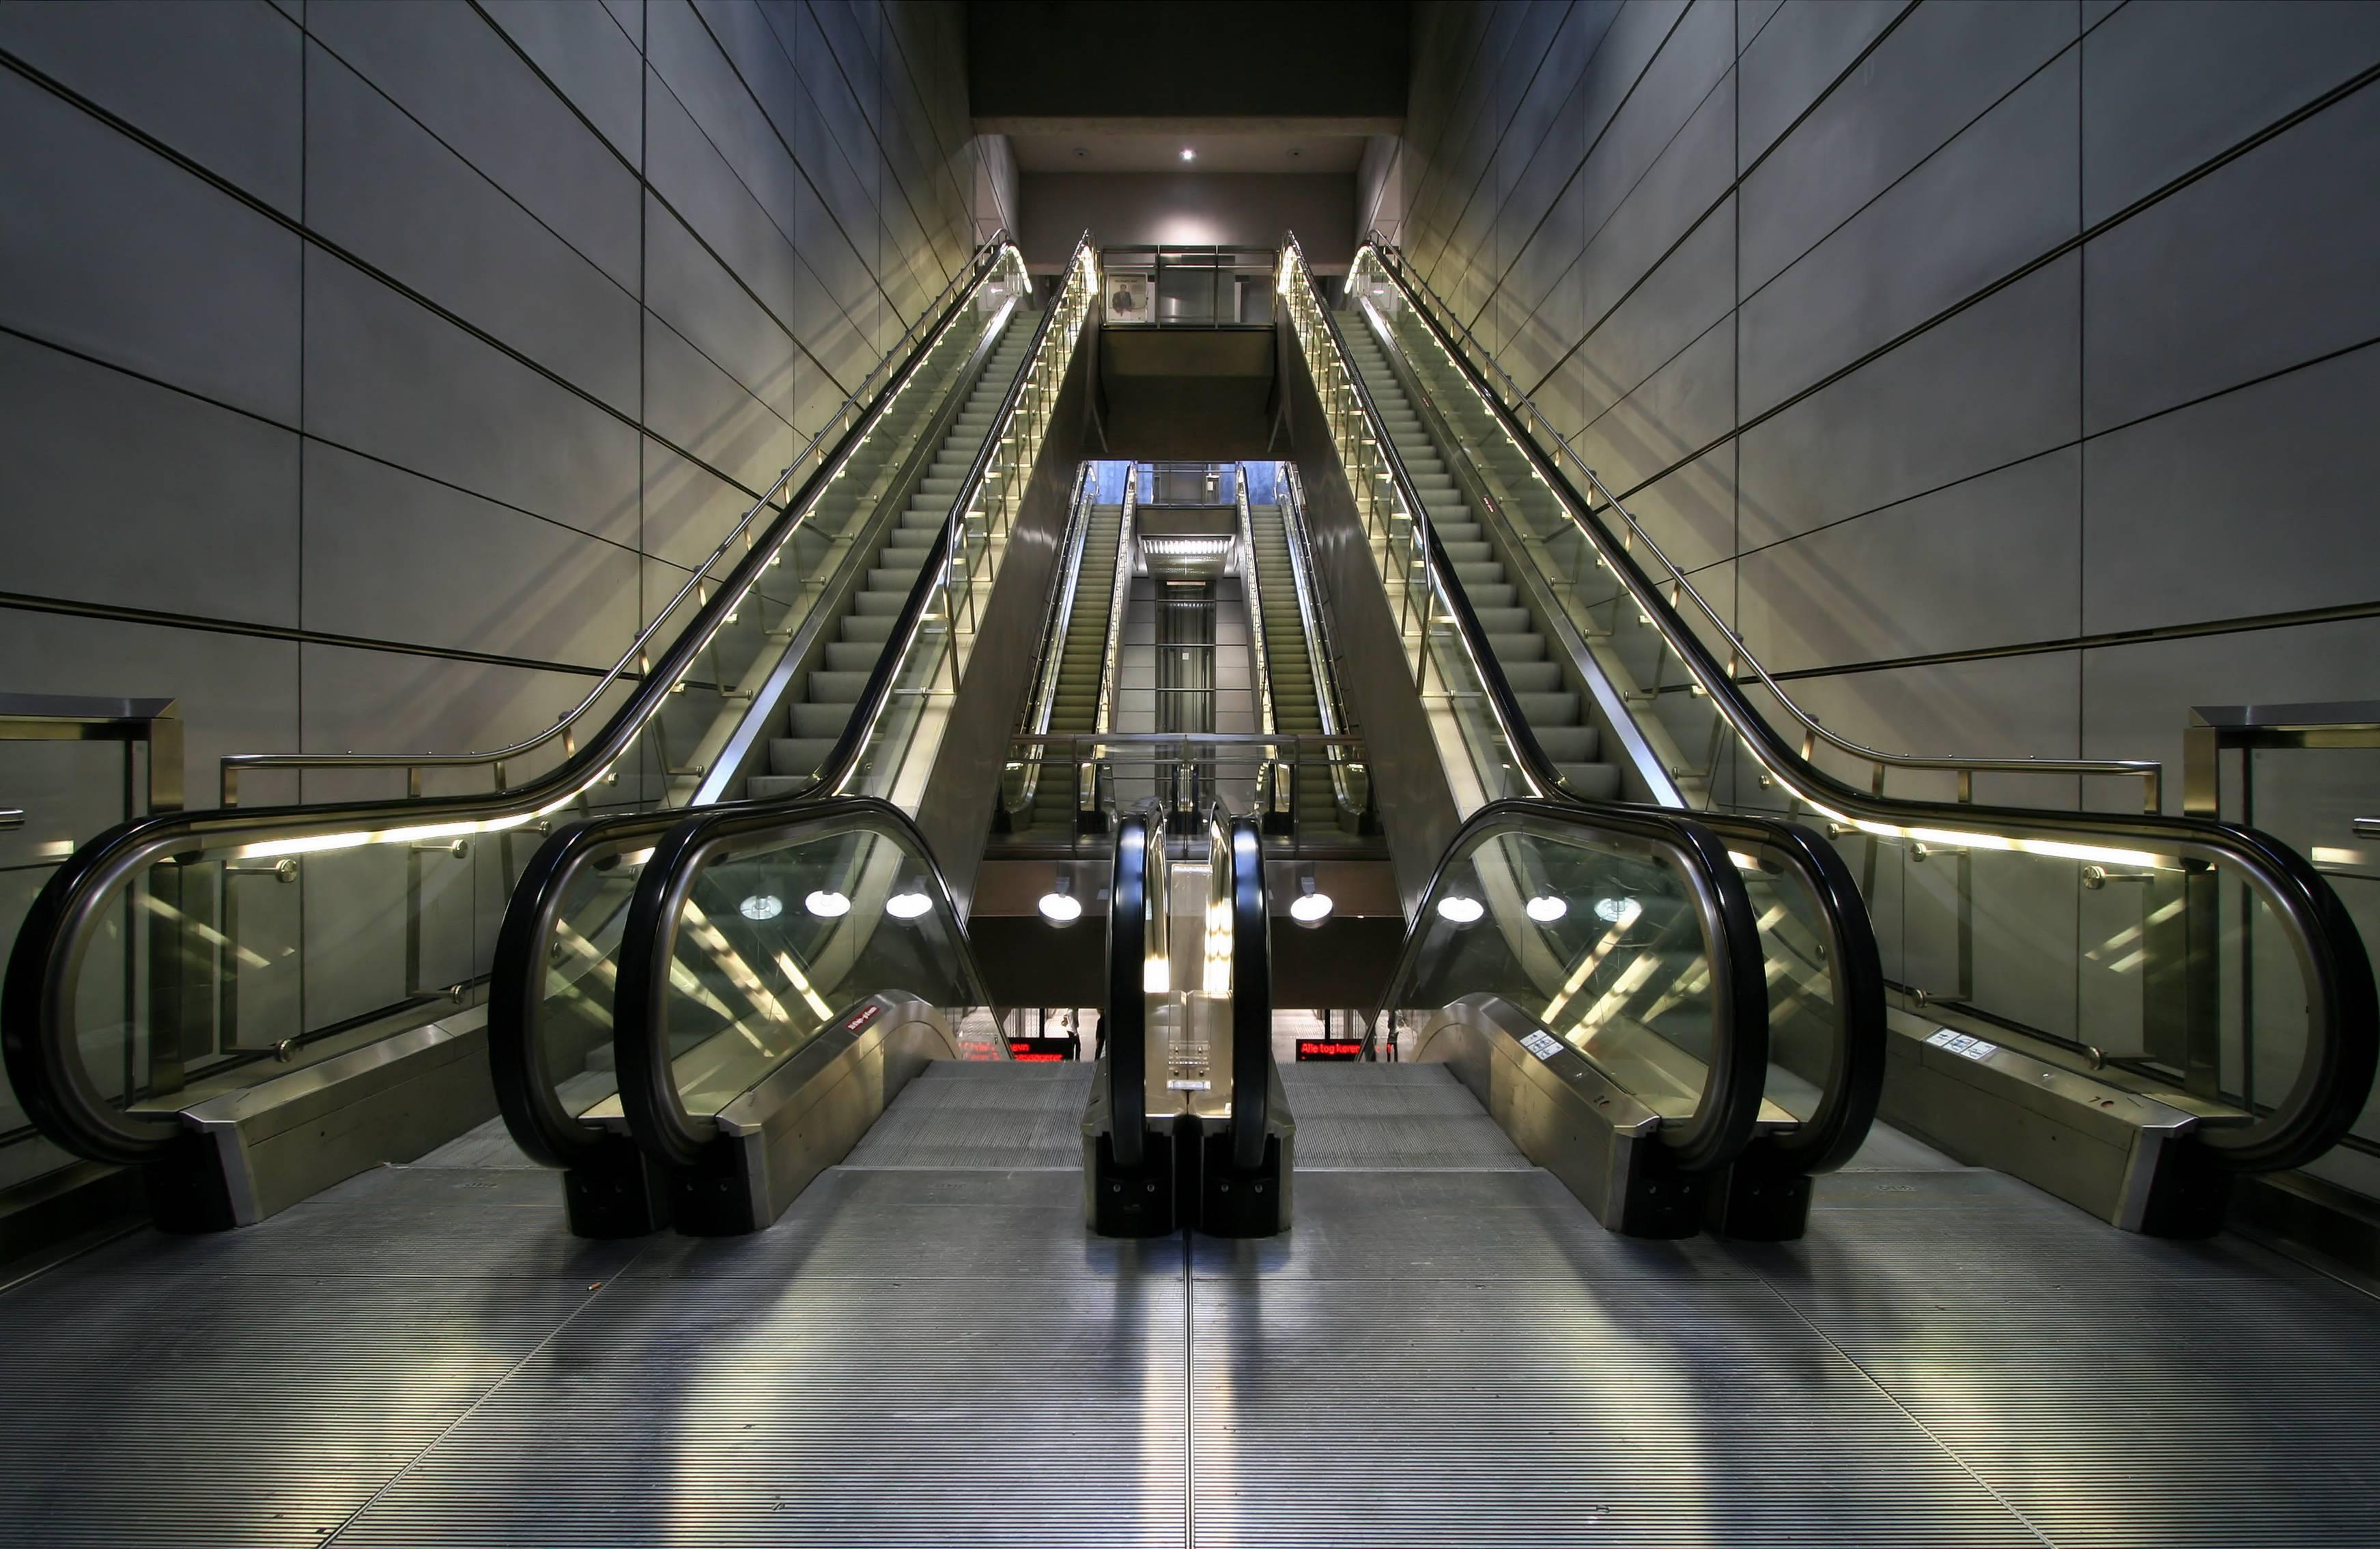 В Москве на четырех станция метро установят усовершенствованные эскалаторы